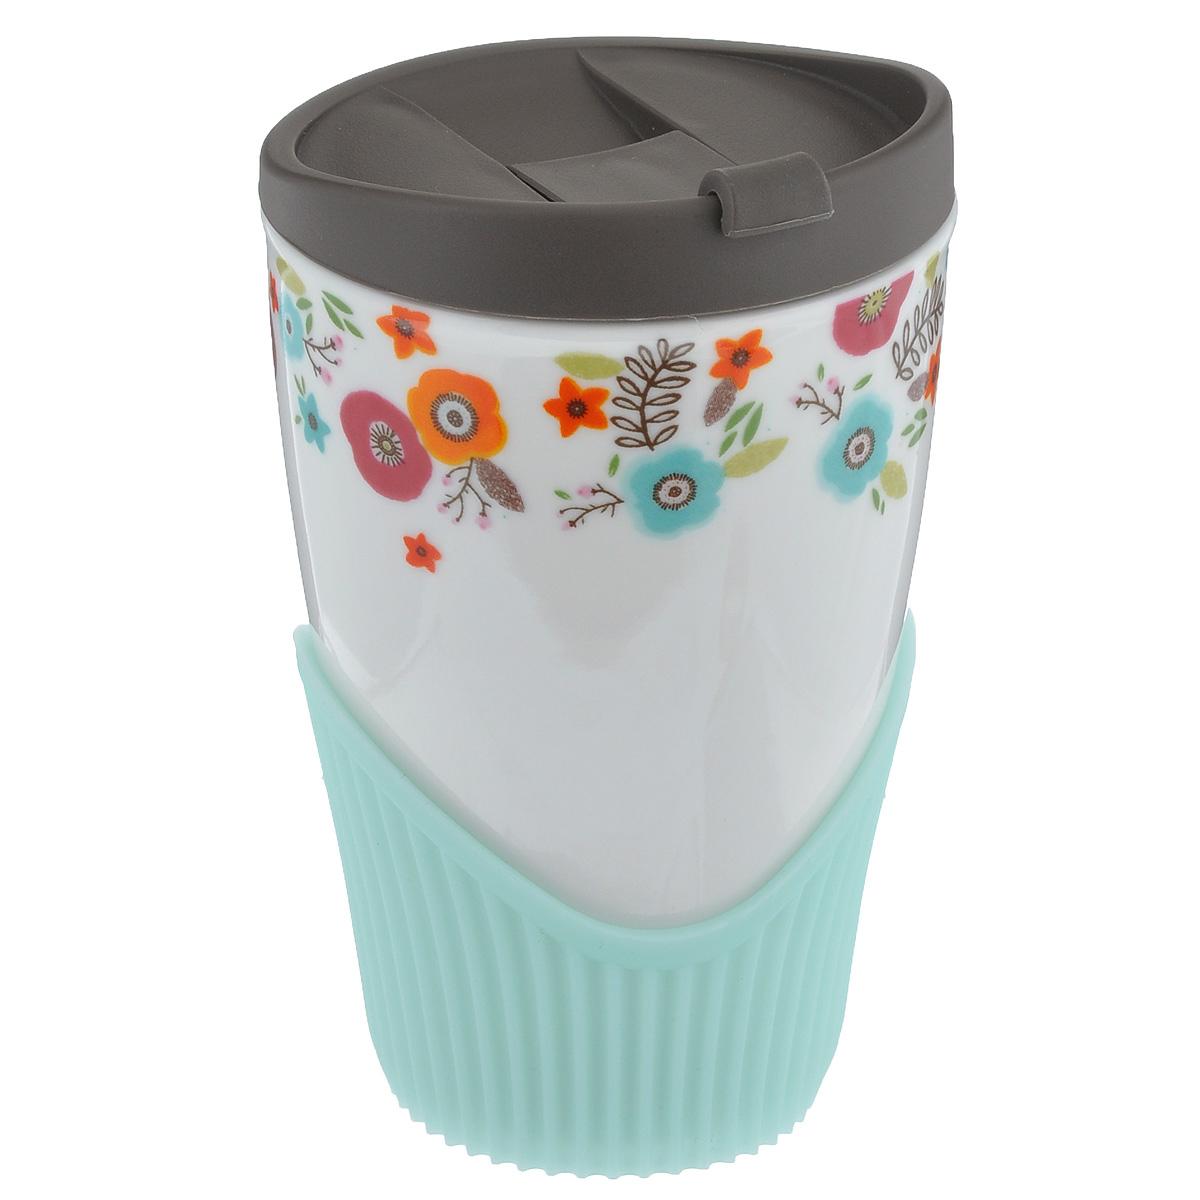 Кружка Frybest Spring, 410 млAS5-01Кружка Frybest Spring выполнена из высококачественного фарфора и украшена ярким цветочным рисунком. Имеется пластиковая крышка с питьевым клапаном, который легко открывается и закрывается нажатием одного пальца. Внизу имеется силиконовый ободок за который будет удобно держать кружку. Теперь вы можете наслаждаться своим любимым холодным или горячим напитком в любом месте. Не подвергайте кружку термошоку, резкая перемена температуры может стать причиной трещин. Можно мыть в посудомоечной машине на верхней полке. Объем: 410 мл. Высота кружки (без учета крышки): 13 см. Диаметр по верхнему краю: 8 см.